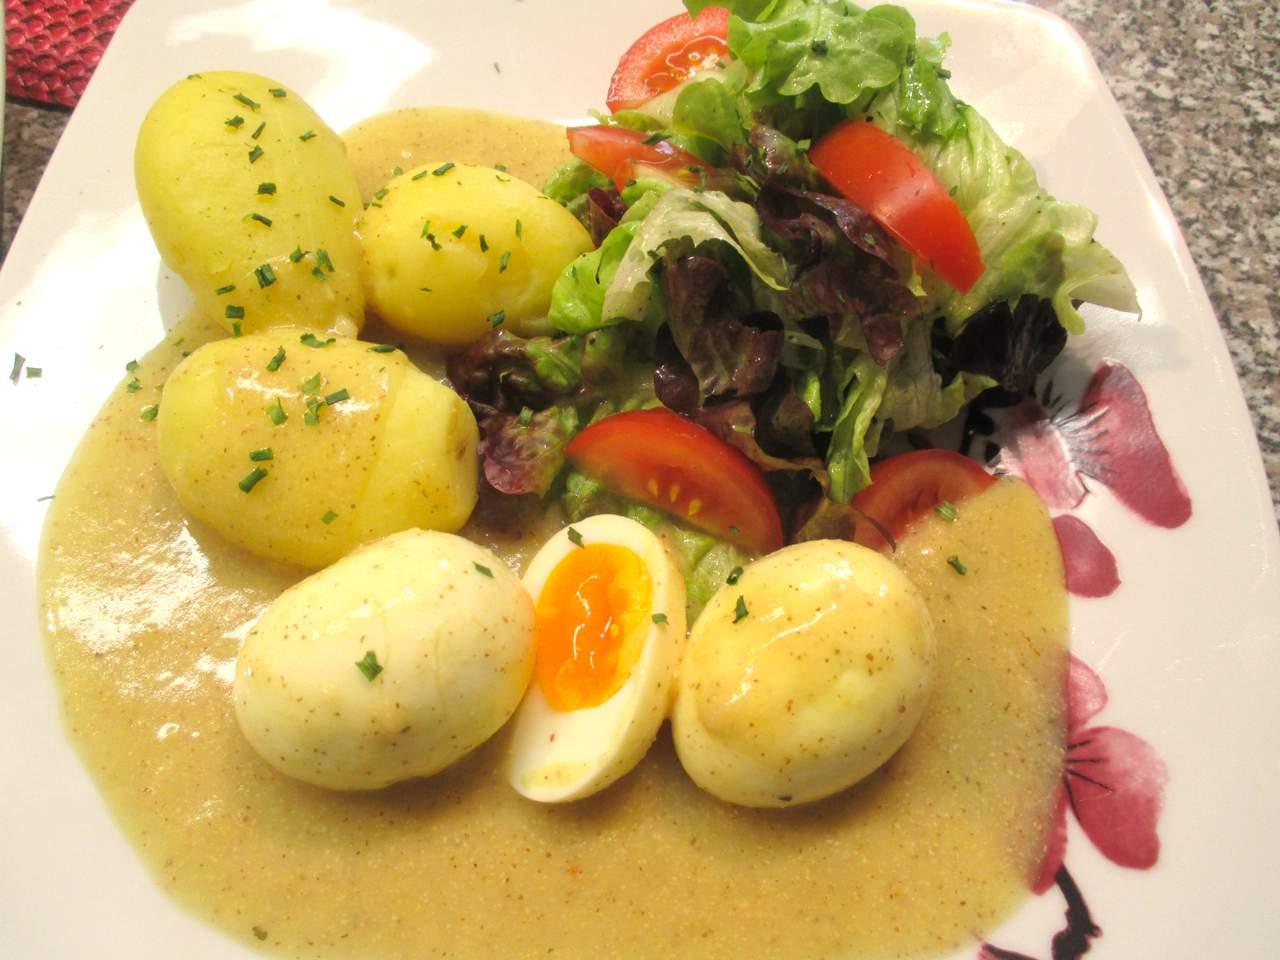 Senfsoße mit Eier, Kartoffeln und Blattsalat